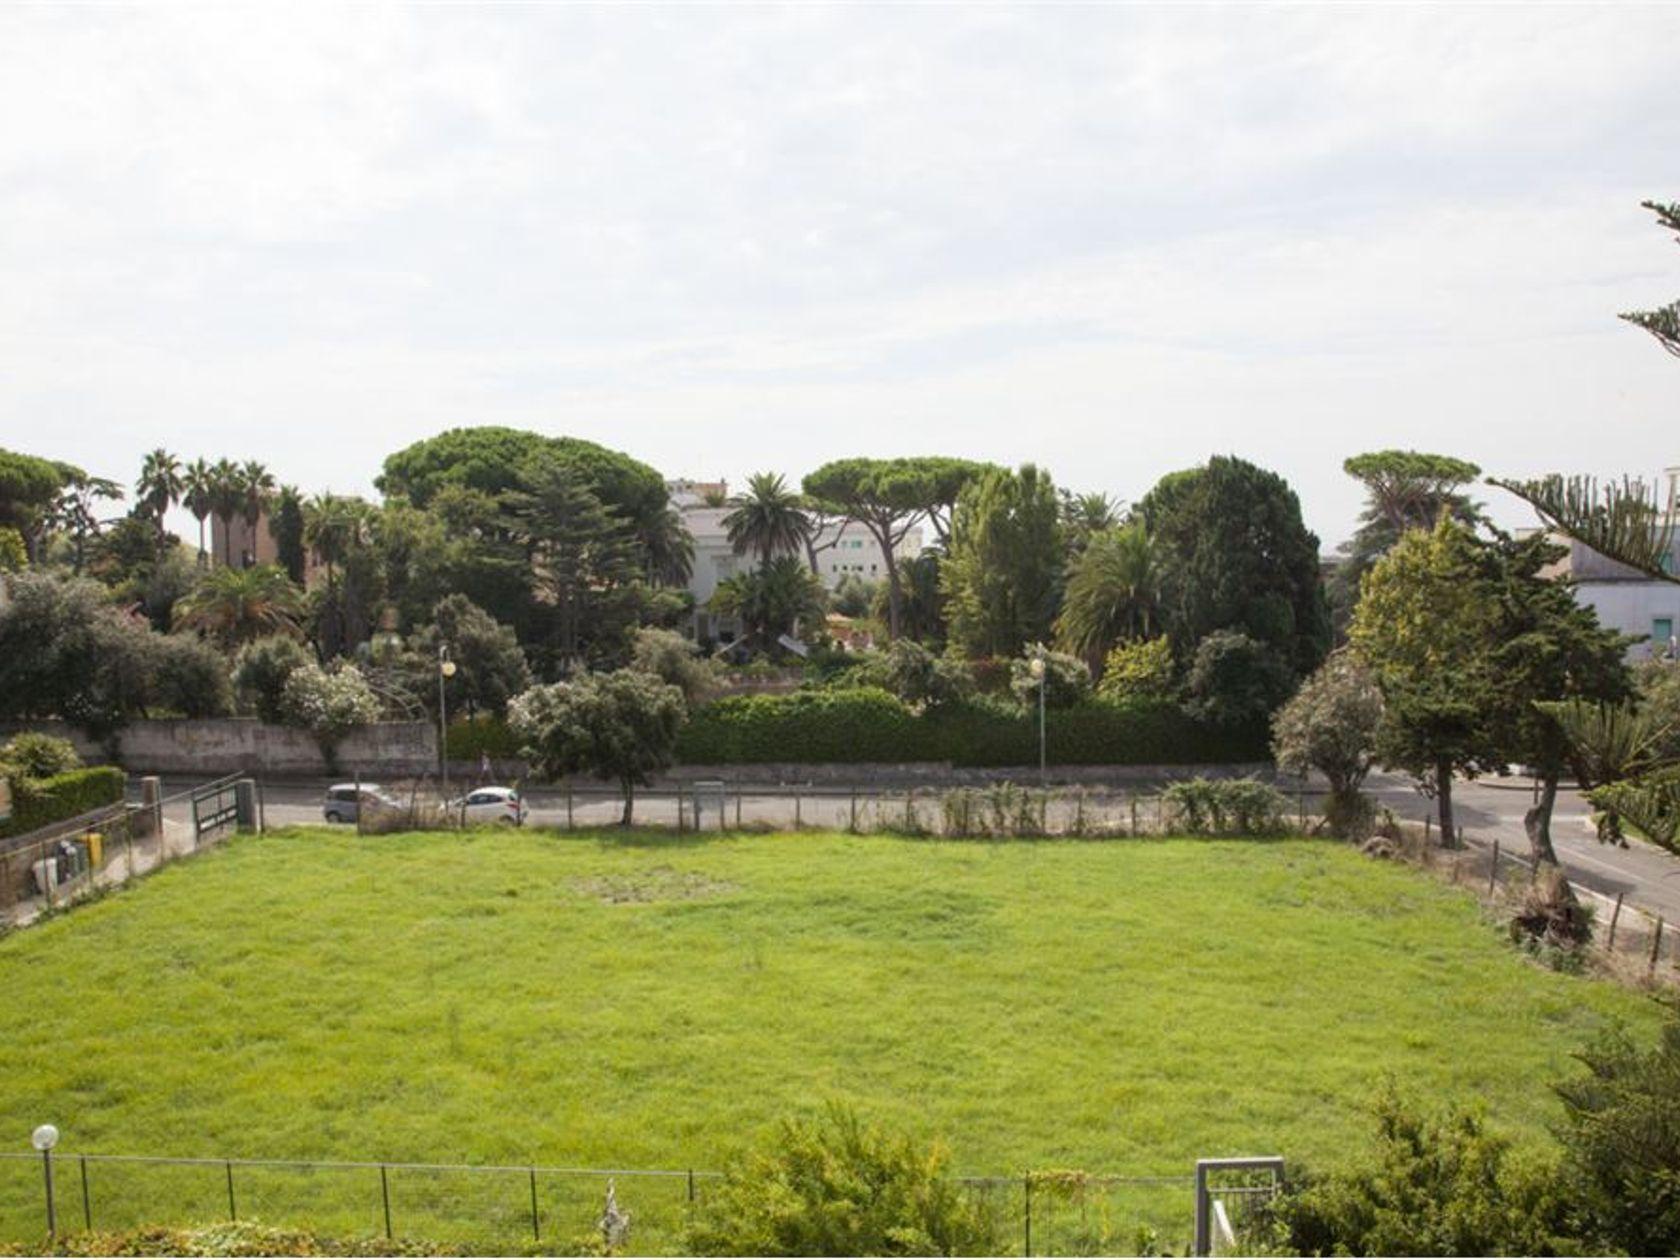 Attico/Mansarda Anzio-santa Teresa, Anzio, RM Vendita - Foto 11